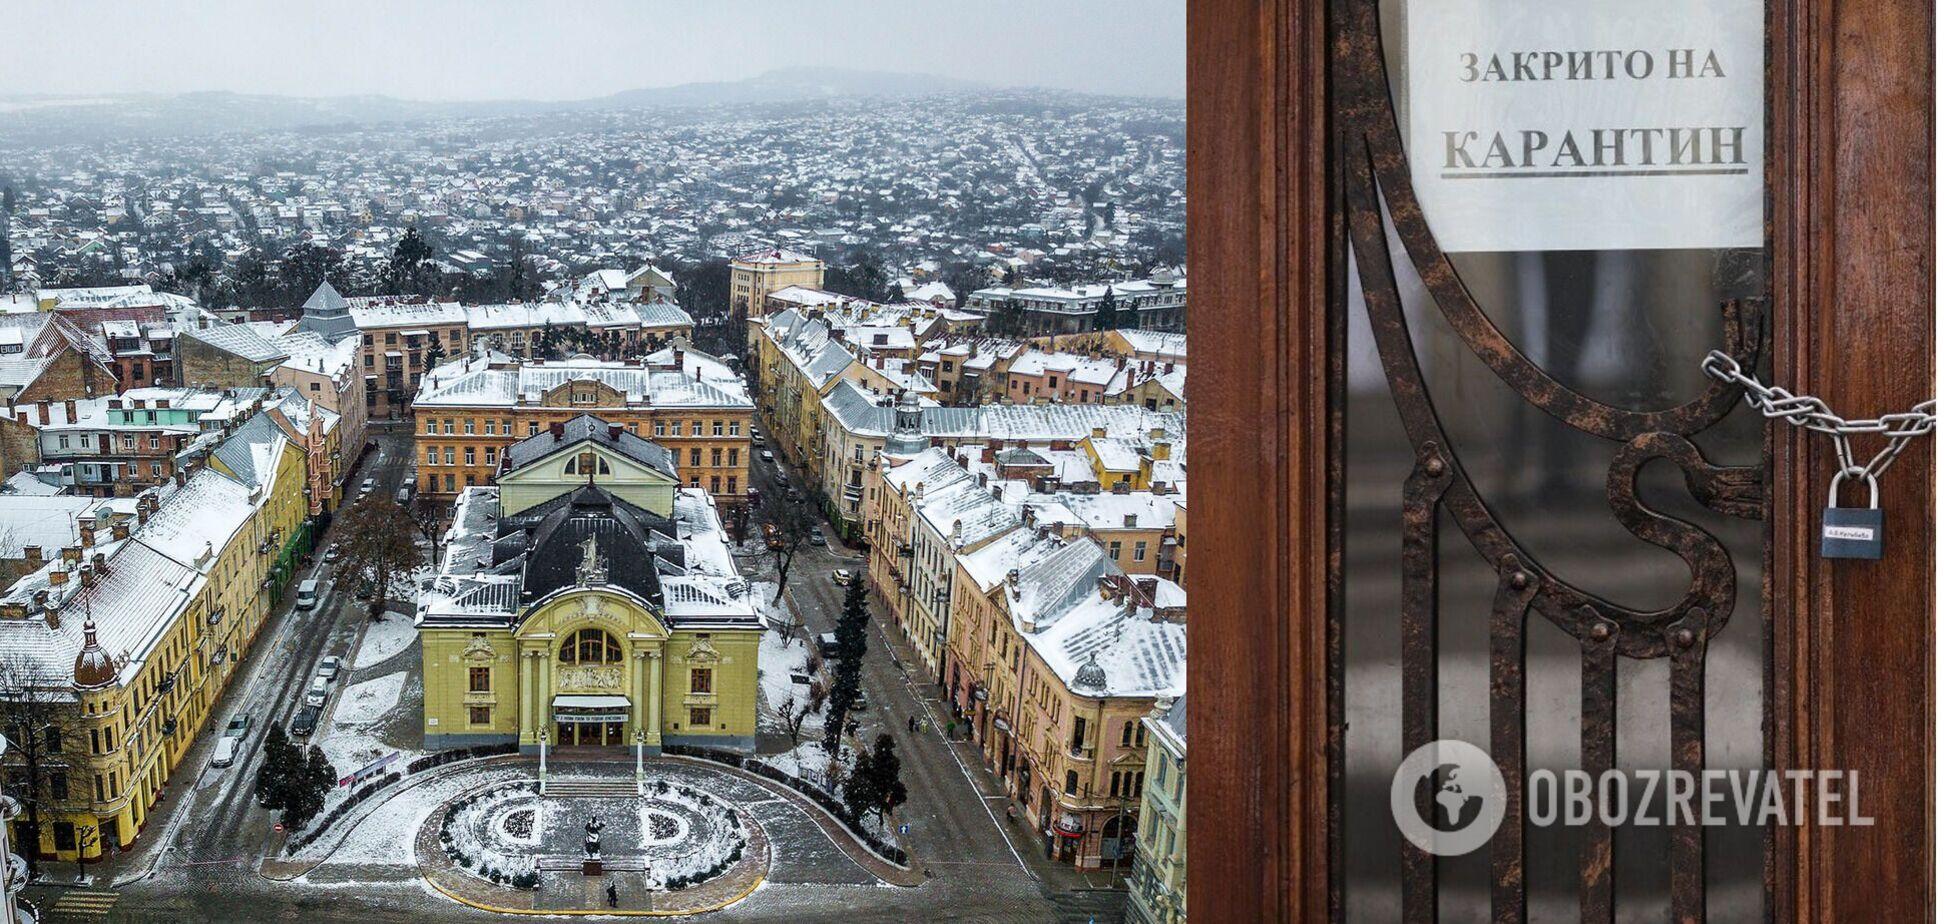 В Черновцах рестораны принимали посетителей, несмотря на карантин: руководство заявило, что это родственники